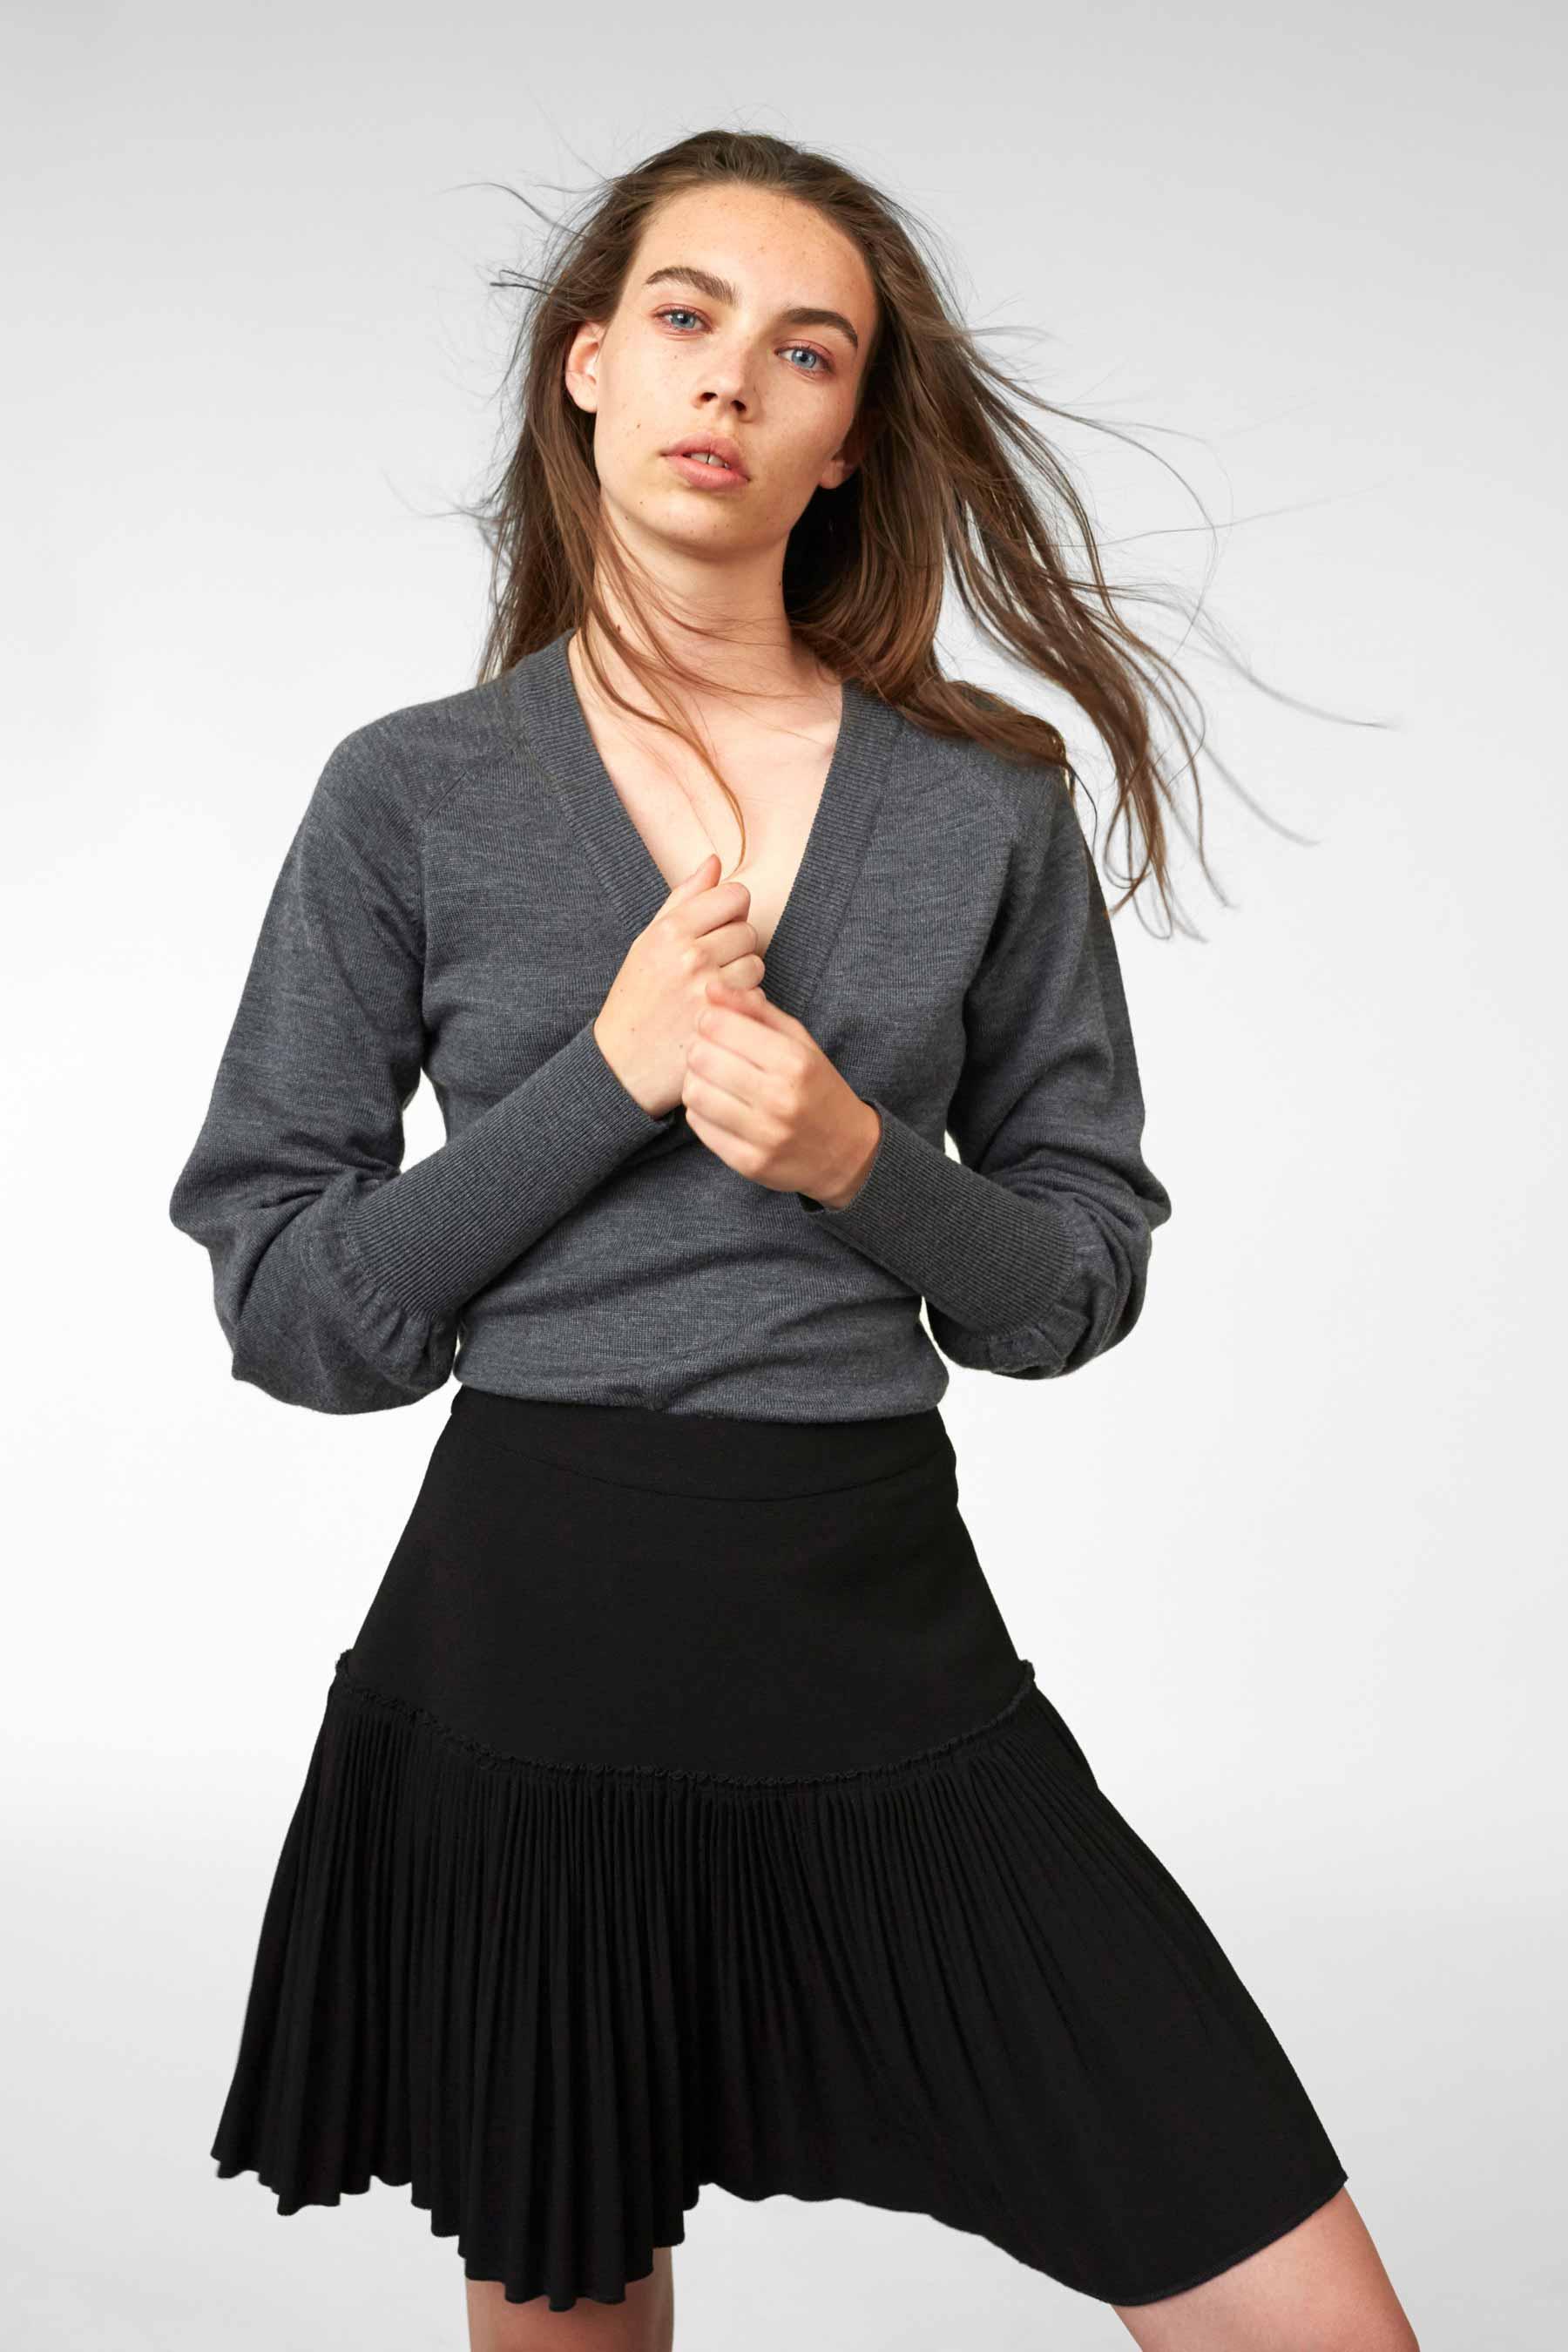 Cathrine Hammel - Dancing Skirt - 1069